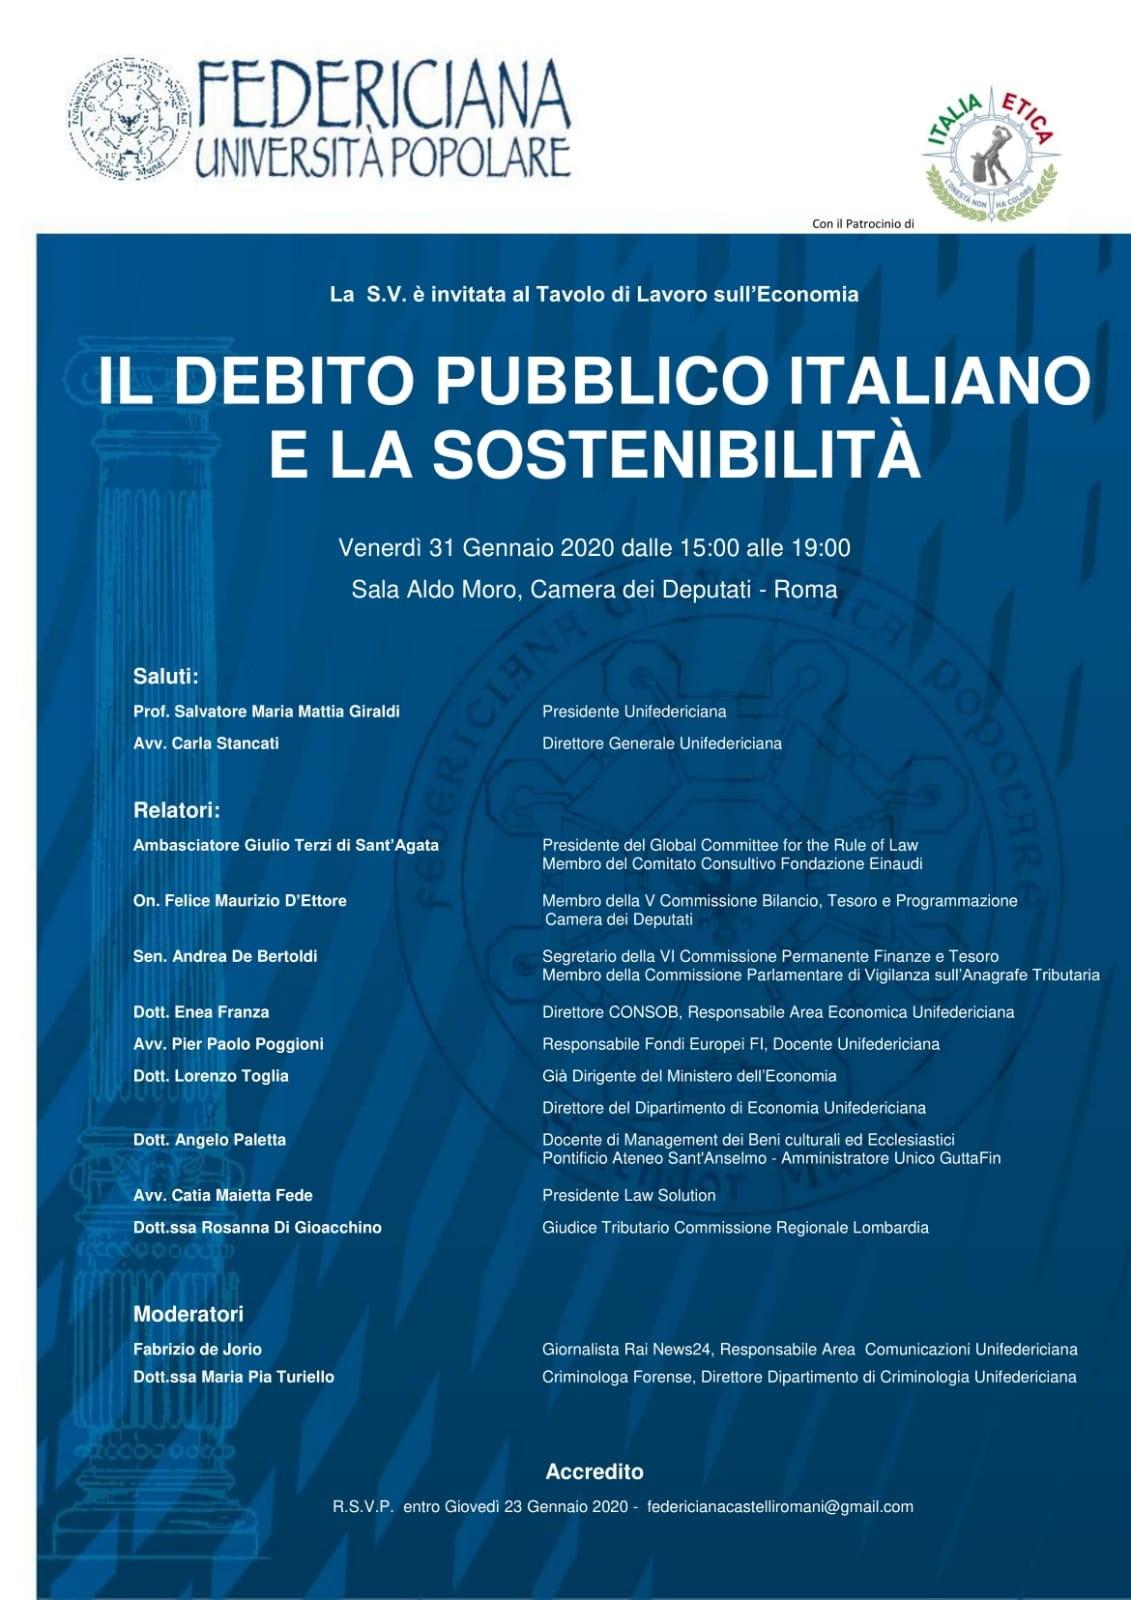 Il debito pubblico italiano e la sostenibilità | Roma 31.01.2020